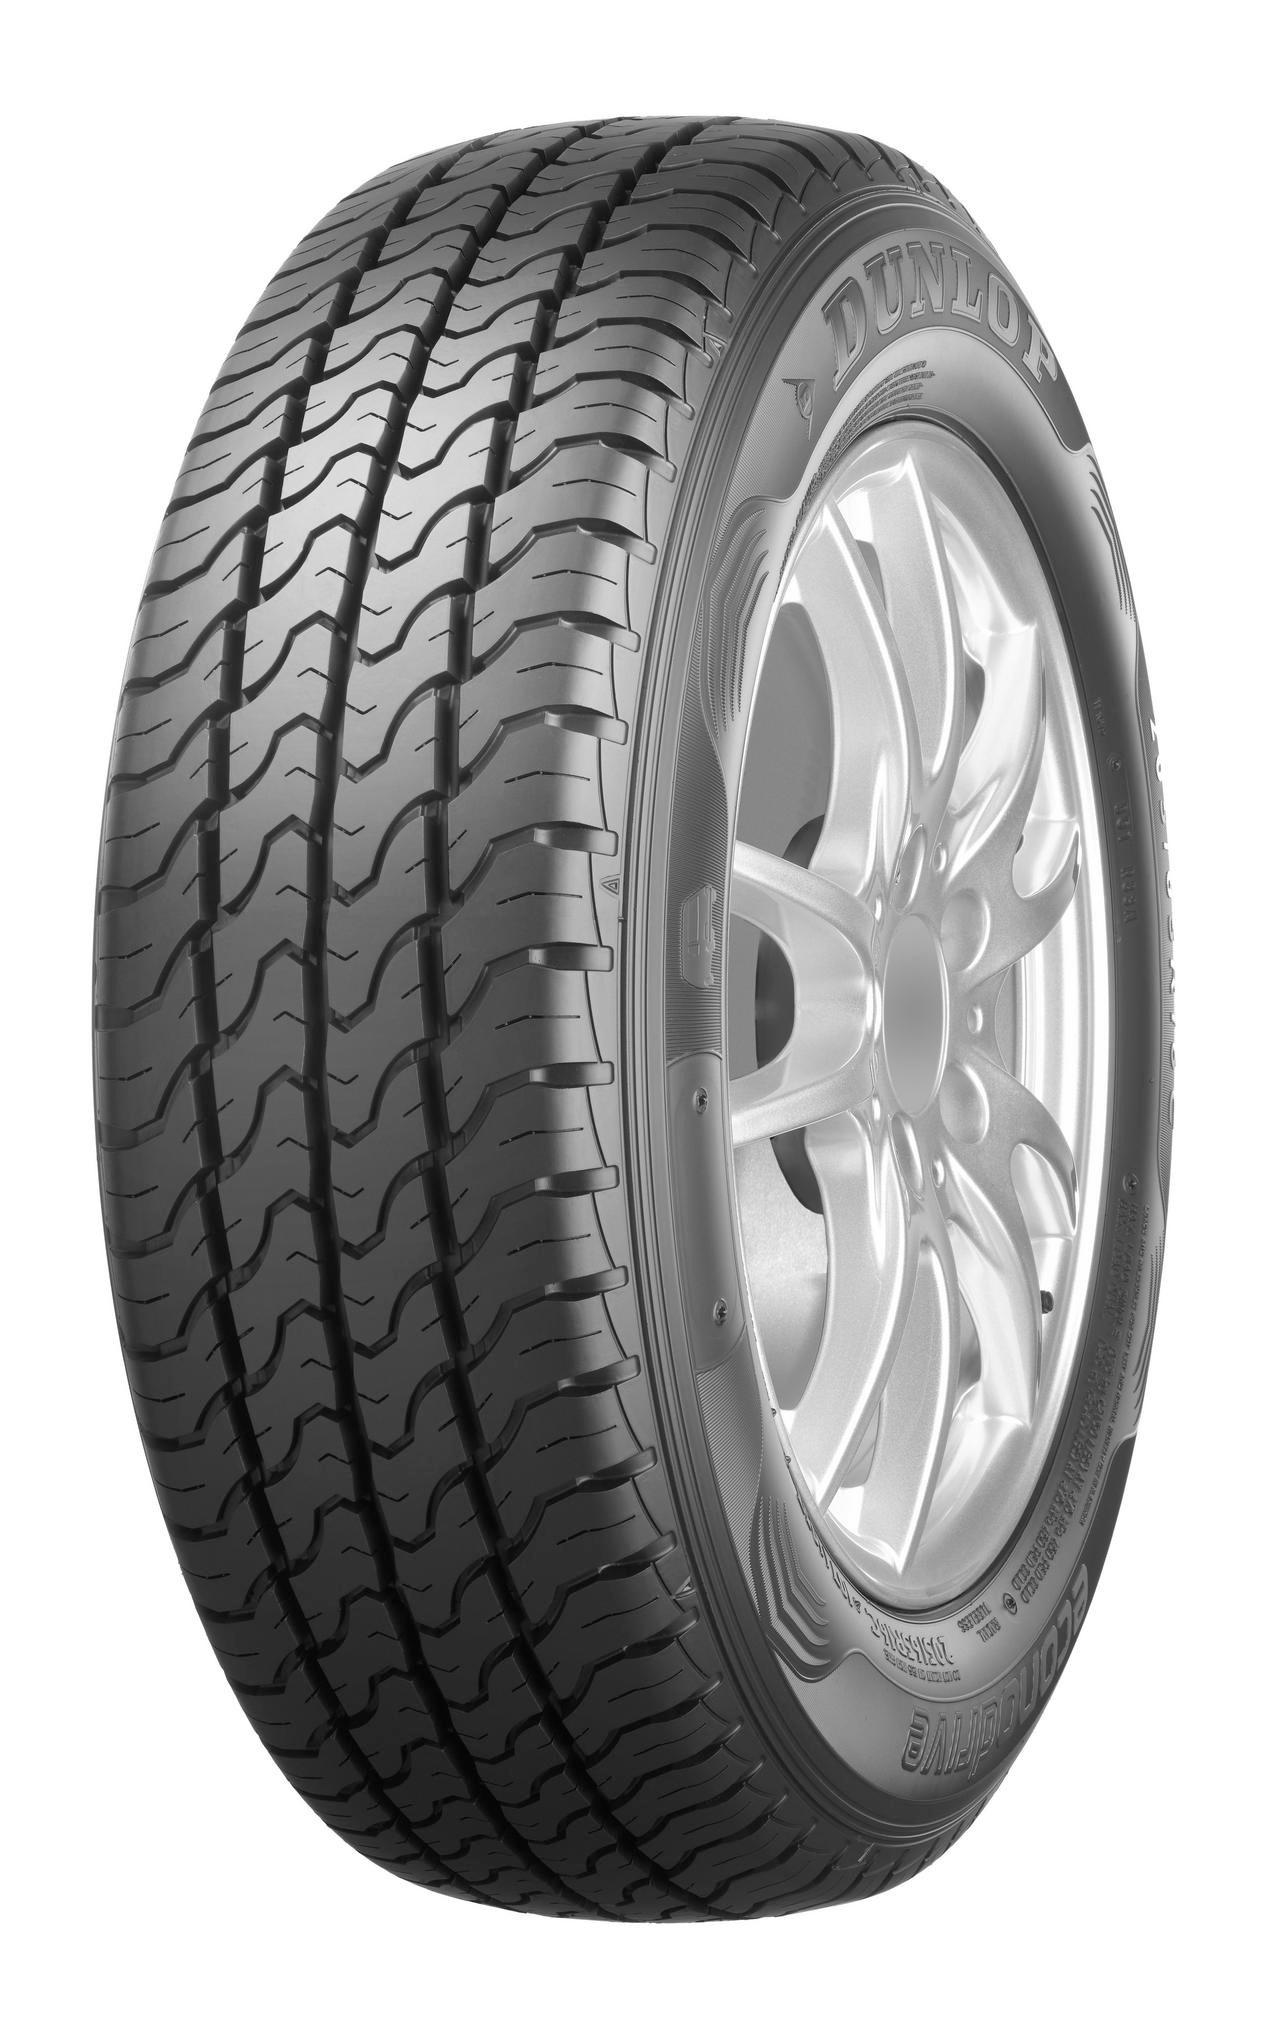 Dunlop Econodrive 205/65R16C 103/101T